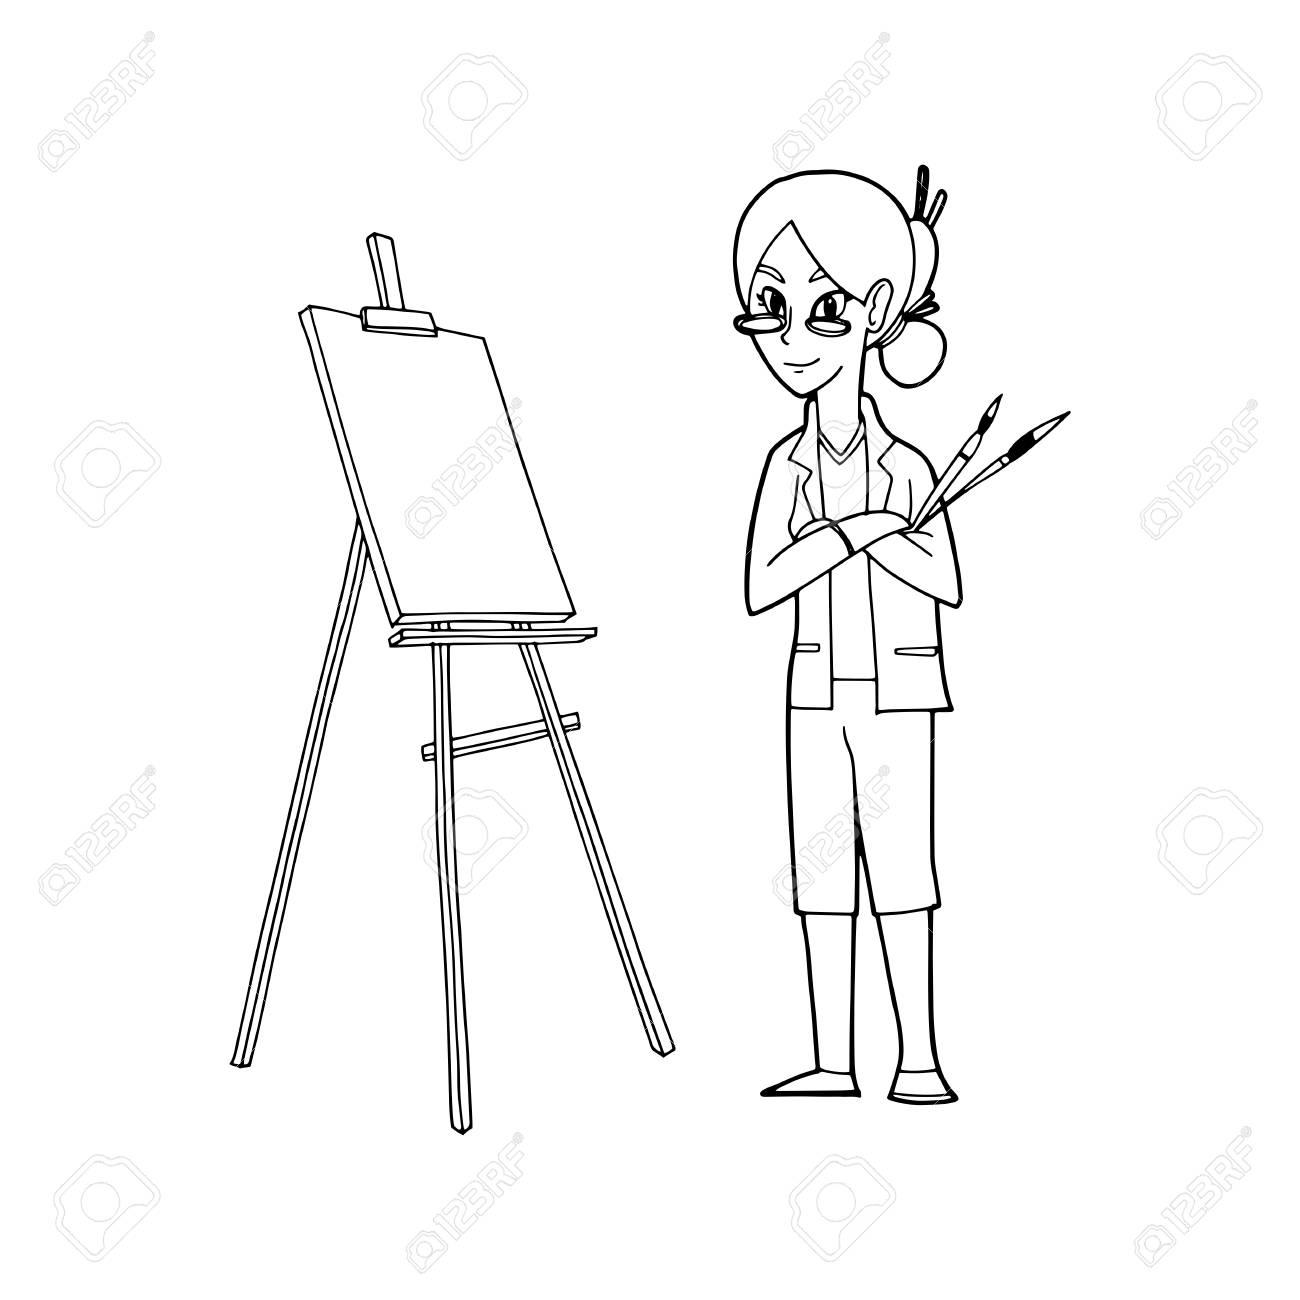 Un Artista Que Sostiene Las Brochas Y El Caballete Lienzo Para Pintar Ilustración Vectorial Ilustraciones Vectoriales Clip Art Vectorizado Libre De Derechos Image 87111074